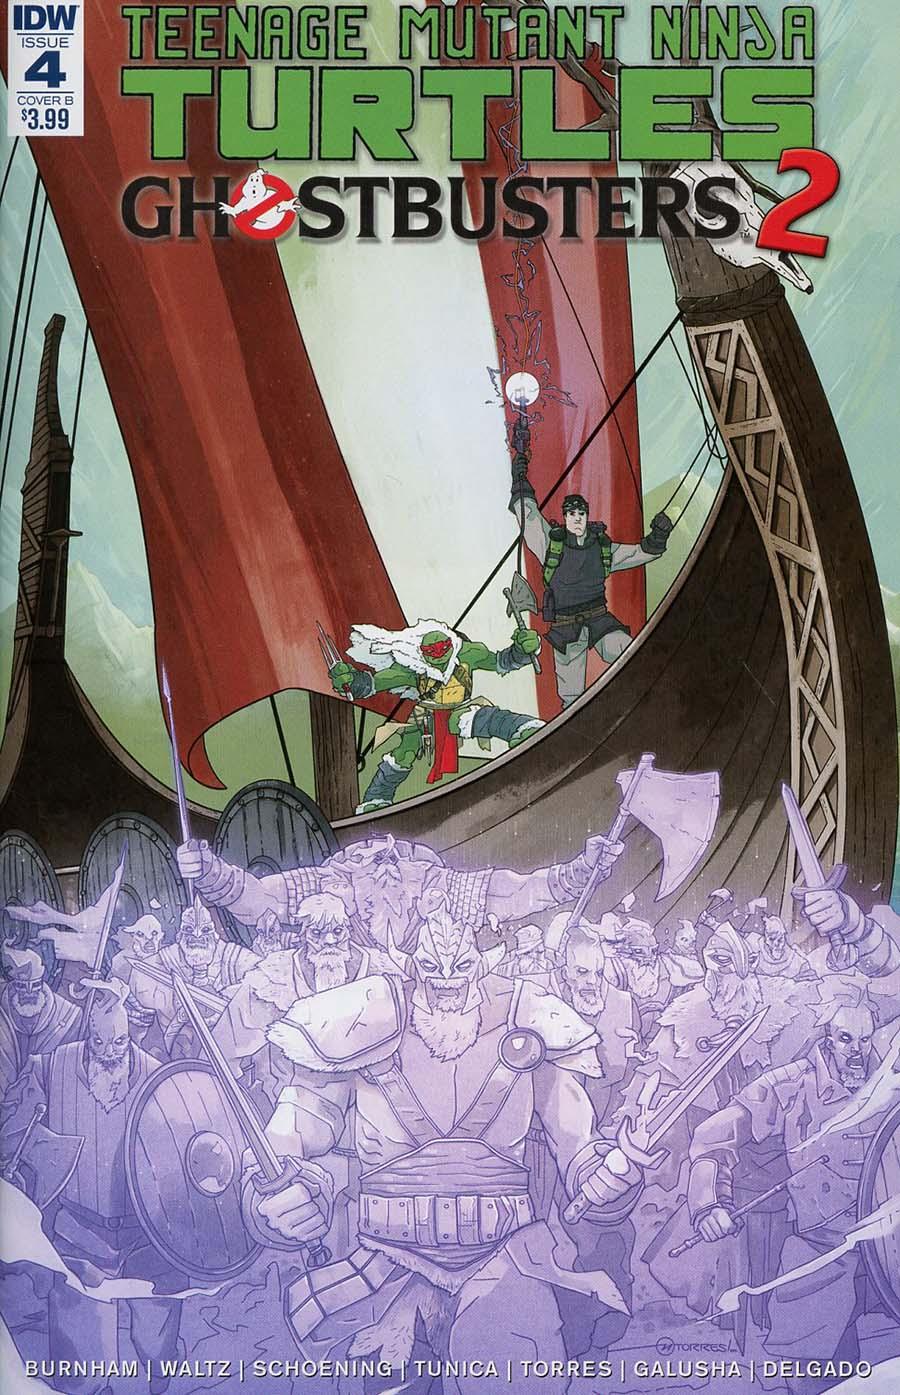 Teenage Mutant Ninja Turtles Ghostbusters II #4 Cover B Variant Mark Torres Cover